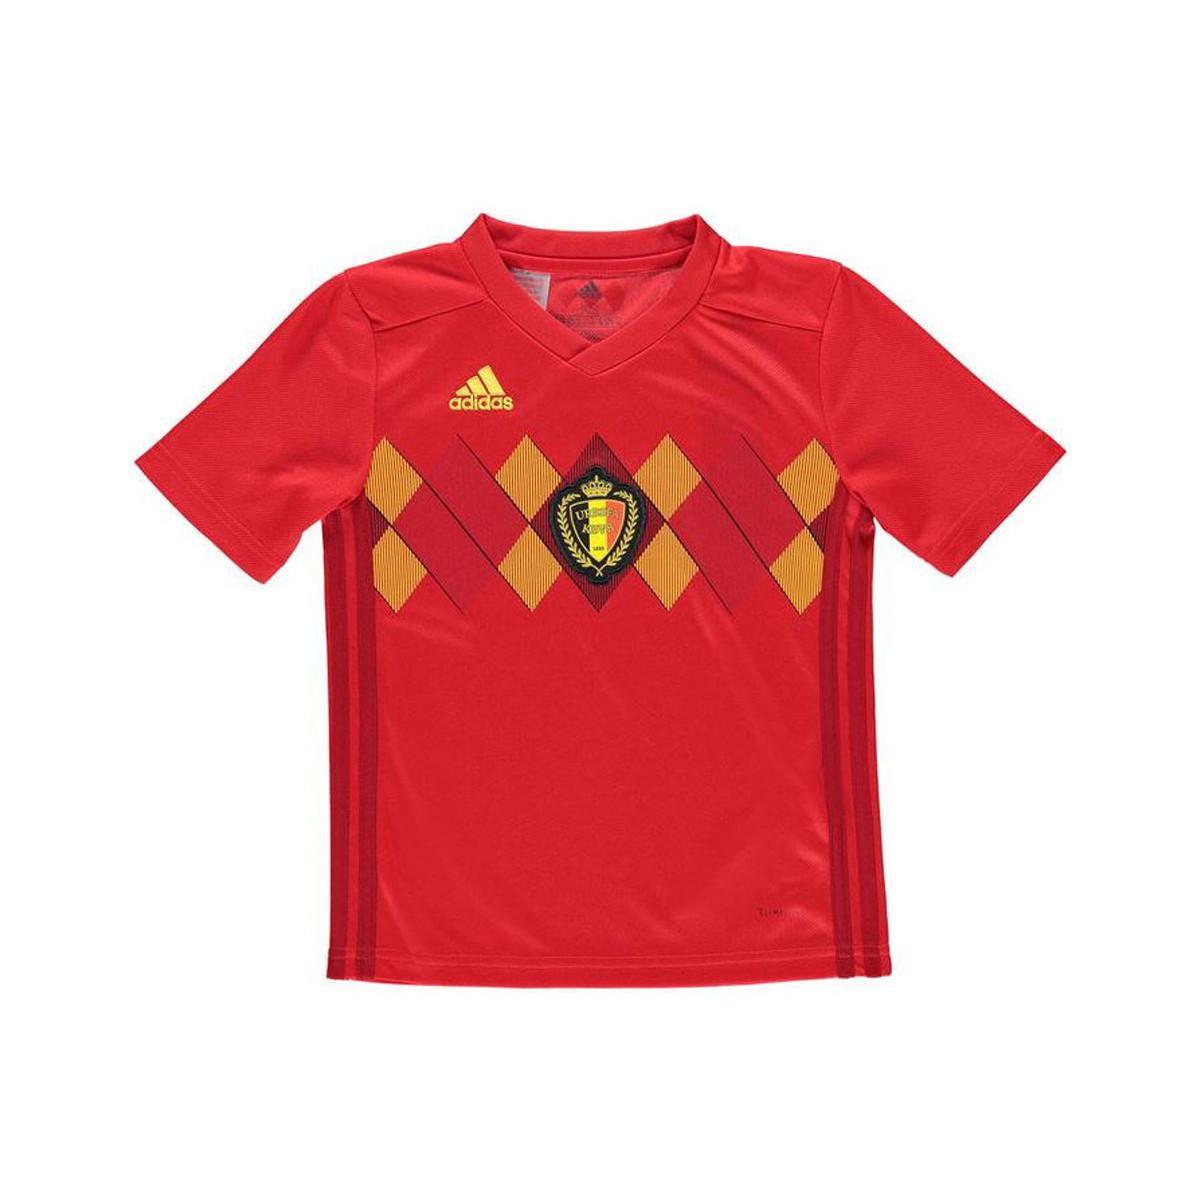 788a7c11427 Adidas - 2018-2019 Belgium Home Football Shirt (kids) Women s T Shirt In.  View fullscreen